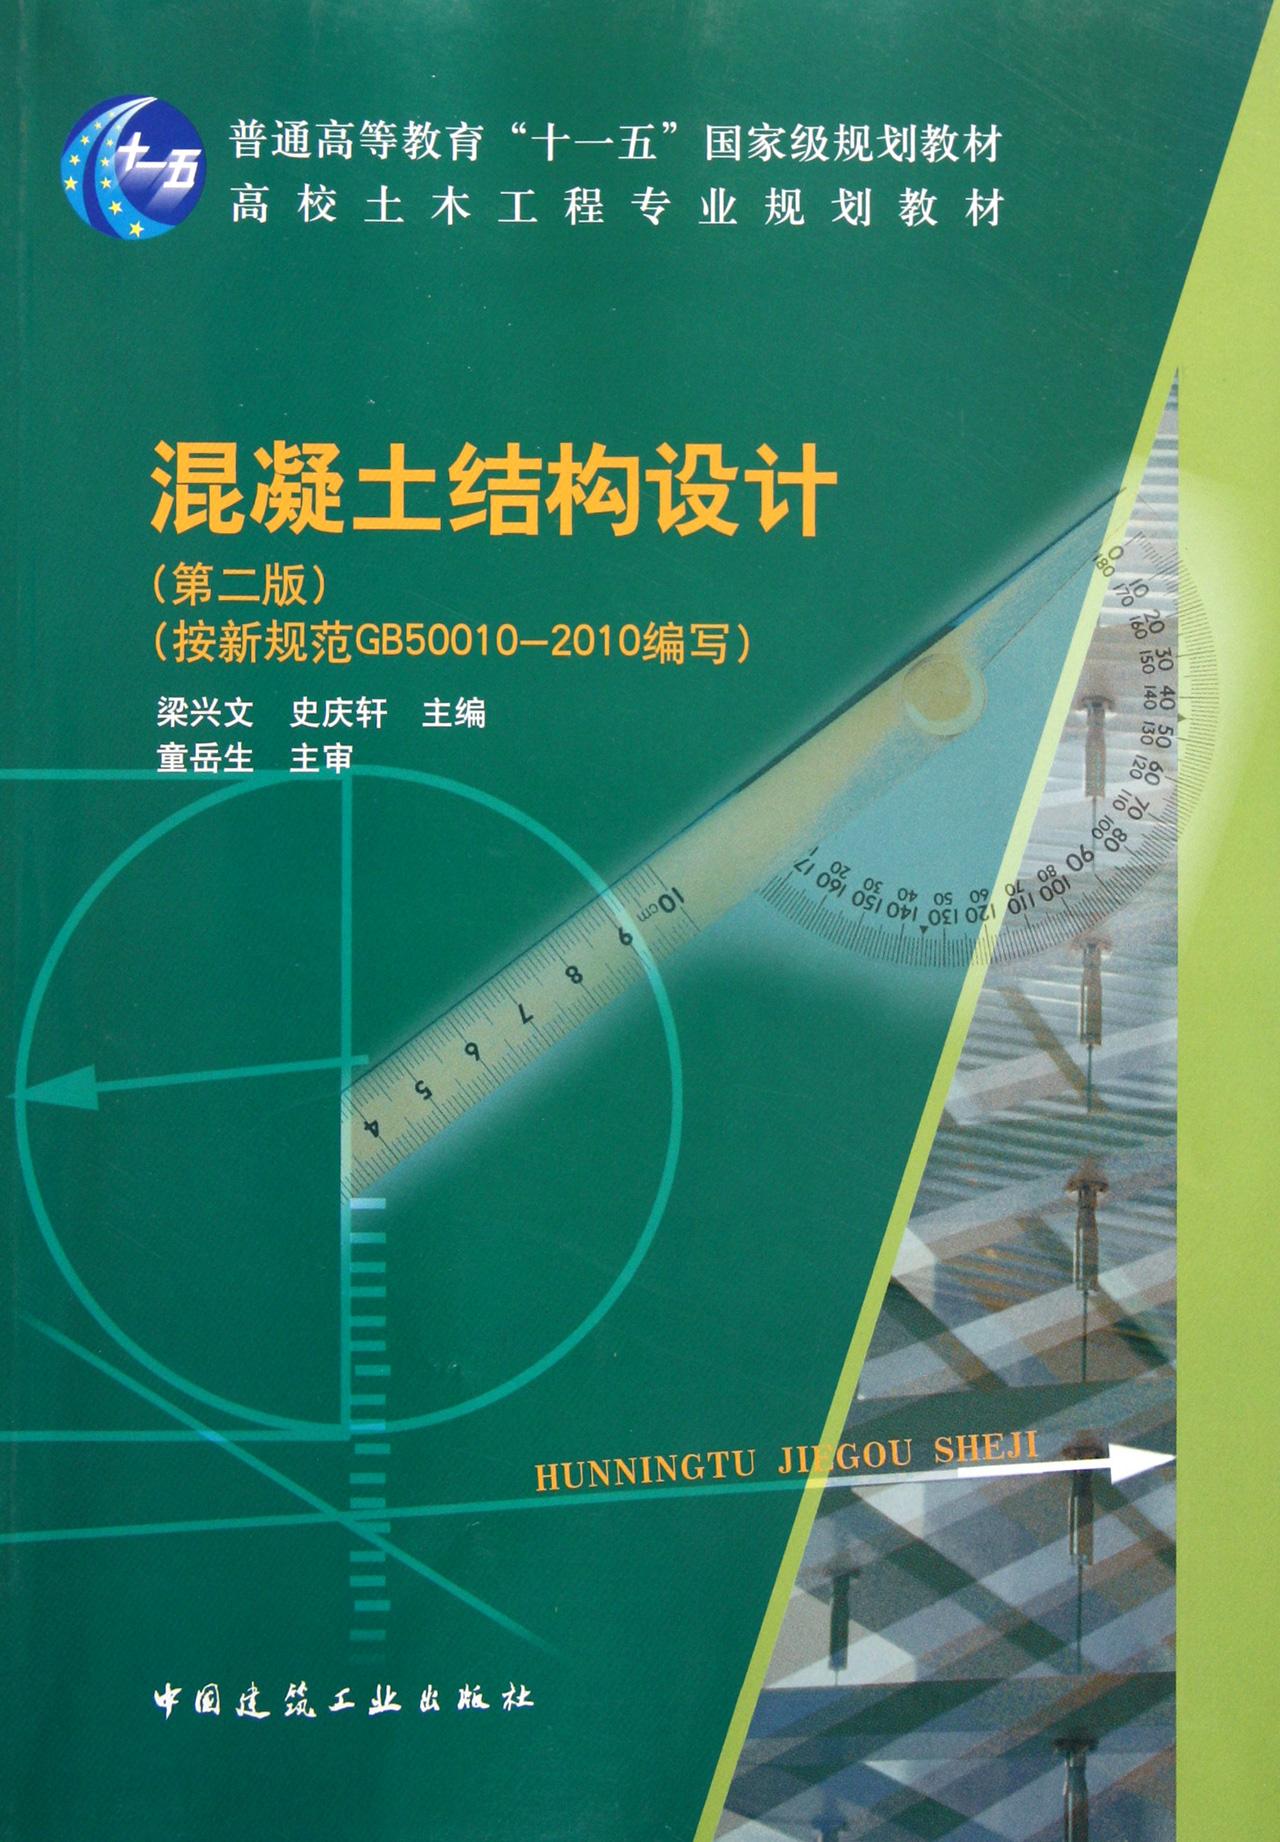 混凝土结构设计(高校土木工程专业规划教材)书